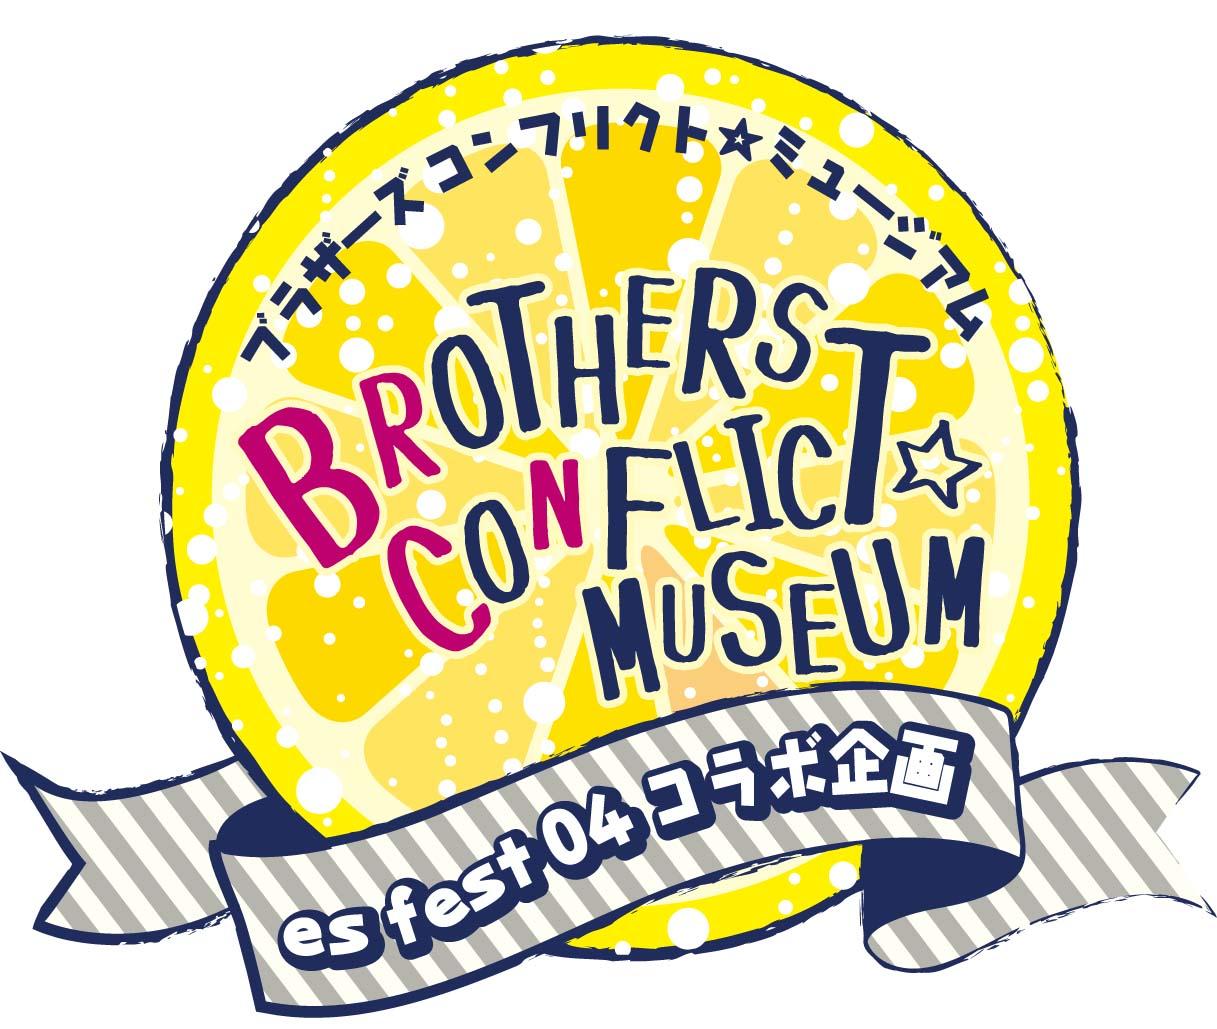 コトブキヤが大人気作品『BROTHERS CONFLICT』とコラボレーション! 『BROTHERS CONFLICT☆ミュージアム』開催決定!